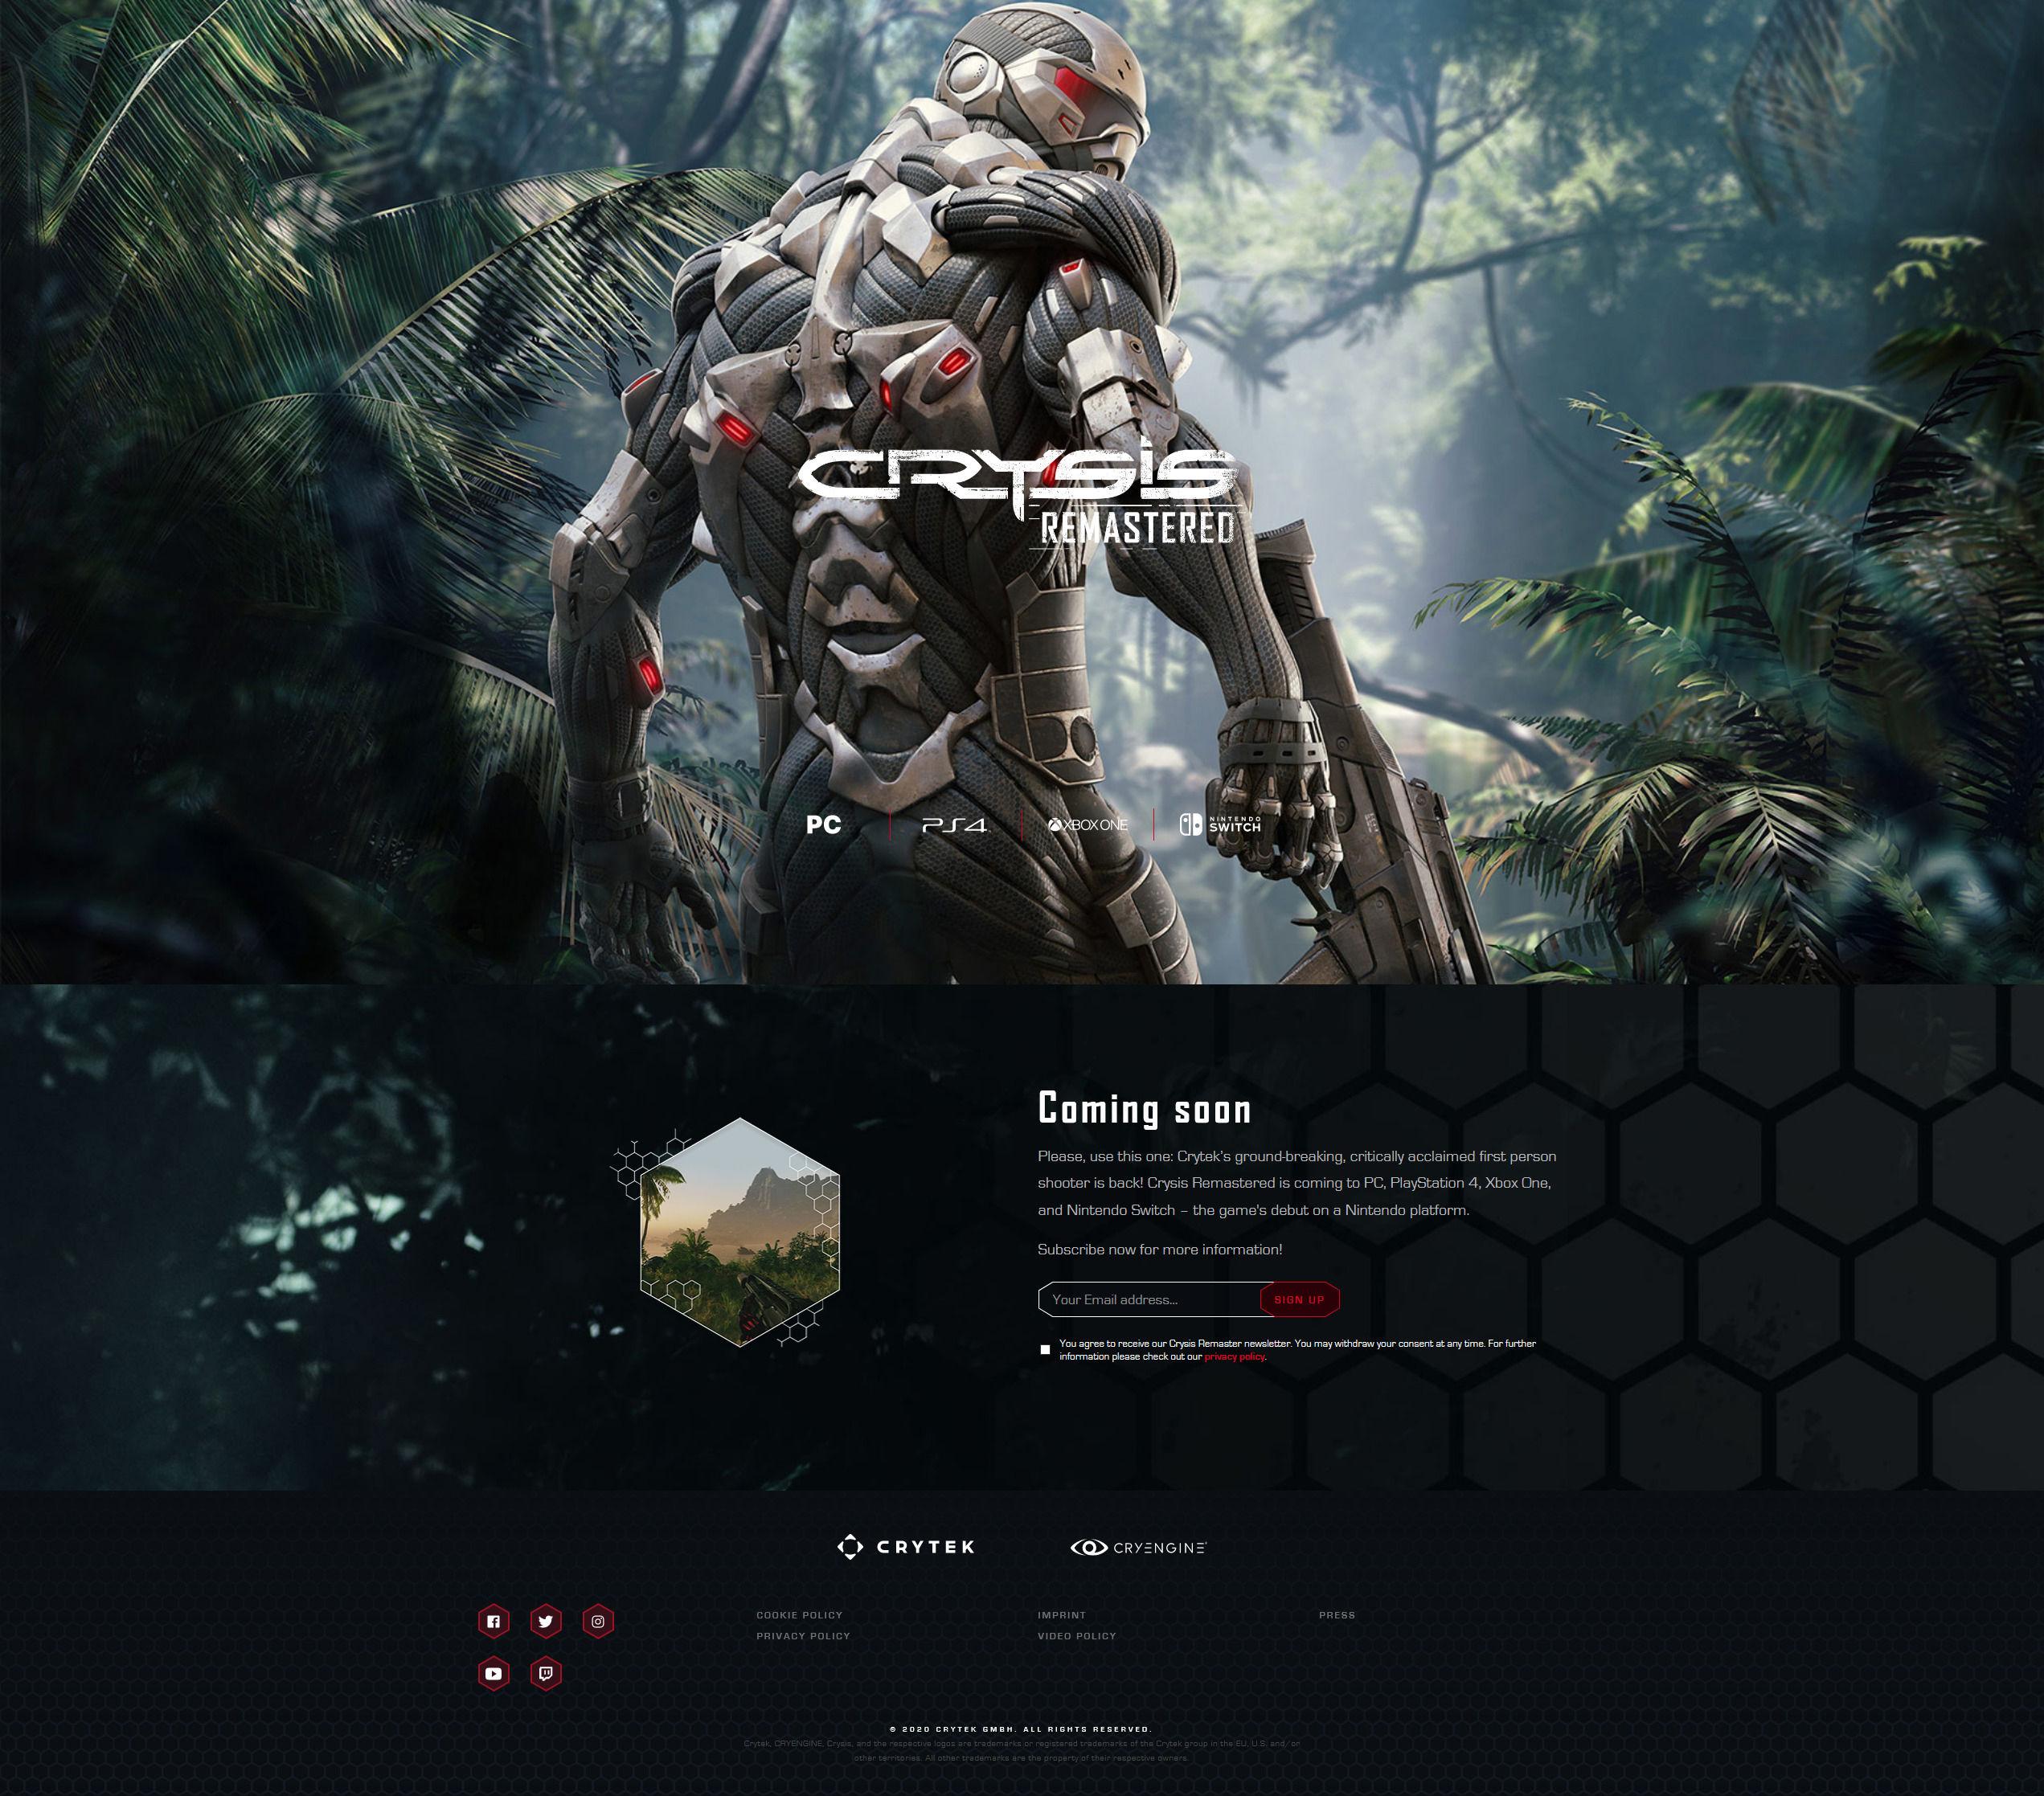 Crysis Remastered sızdırıldı! İlk detaylar